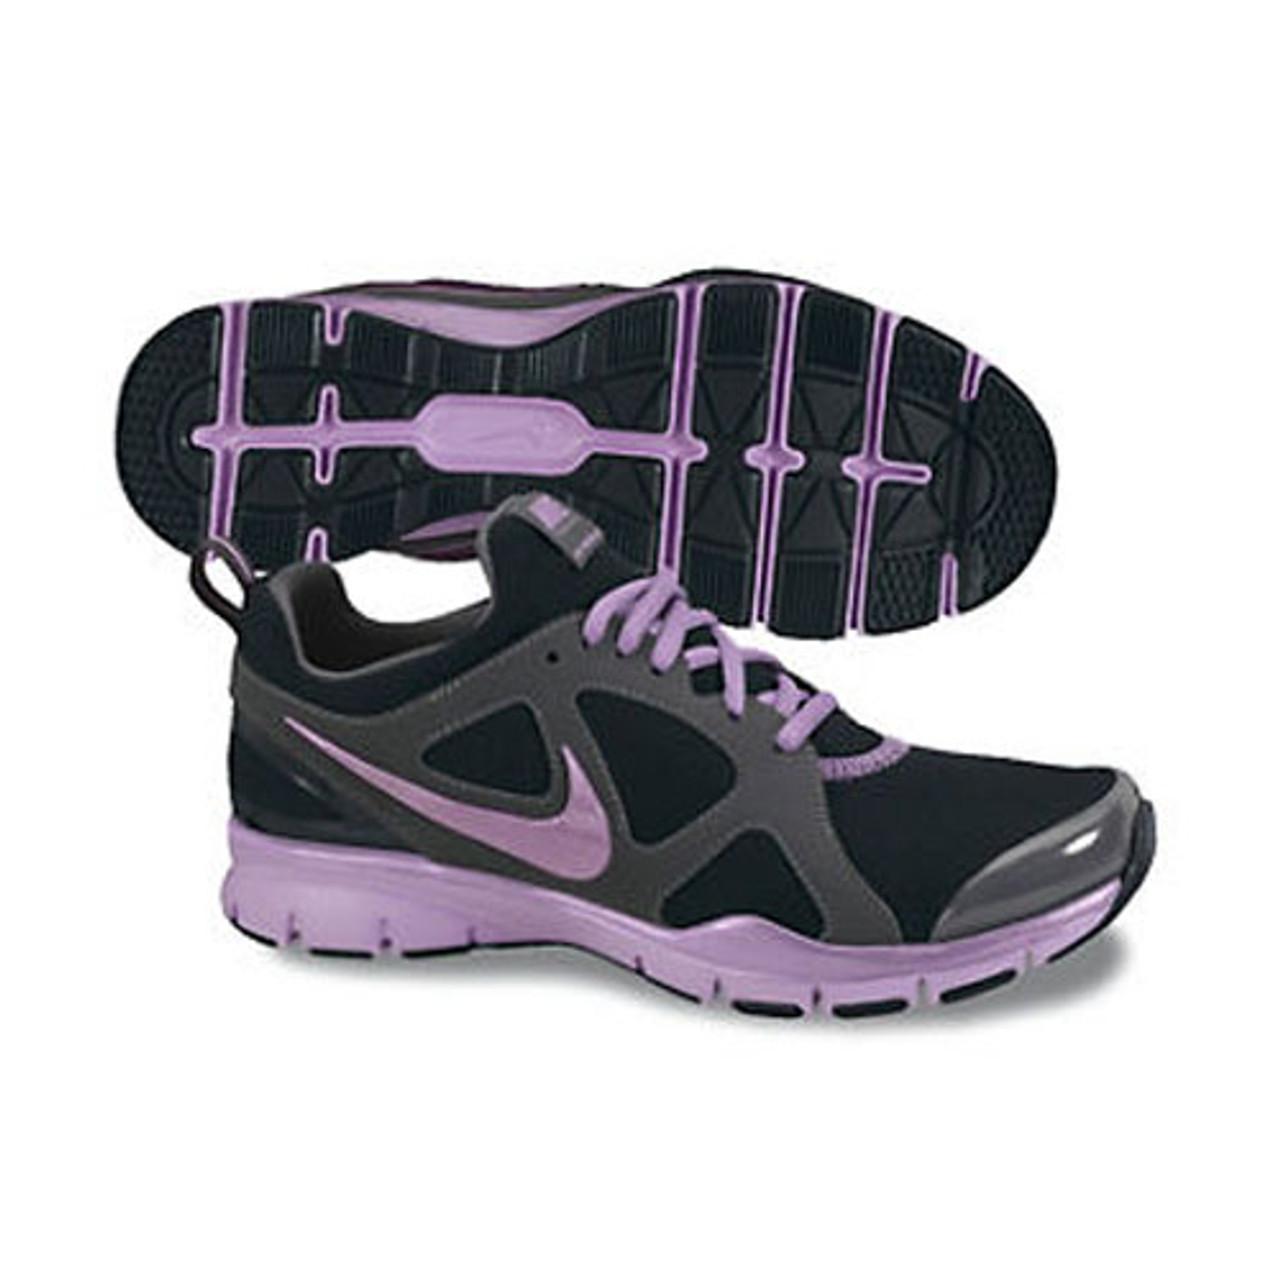 Contagioso beneficioso afijo  Nike In Season TR 2 Blk/Purple - | Discount Nike Ladies Athletic & More -  Shoolu.com | Shoolu.com